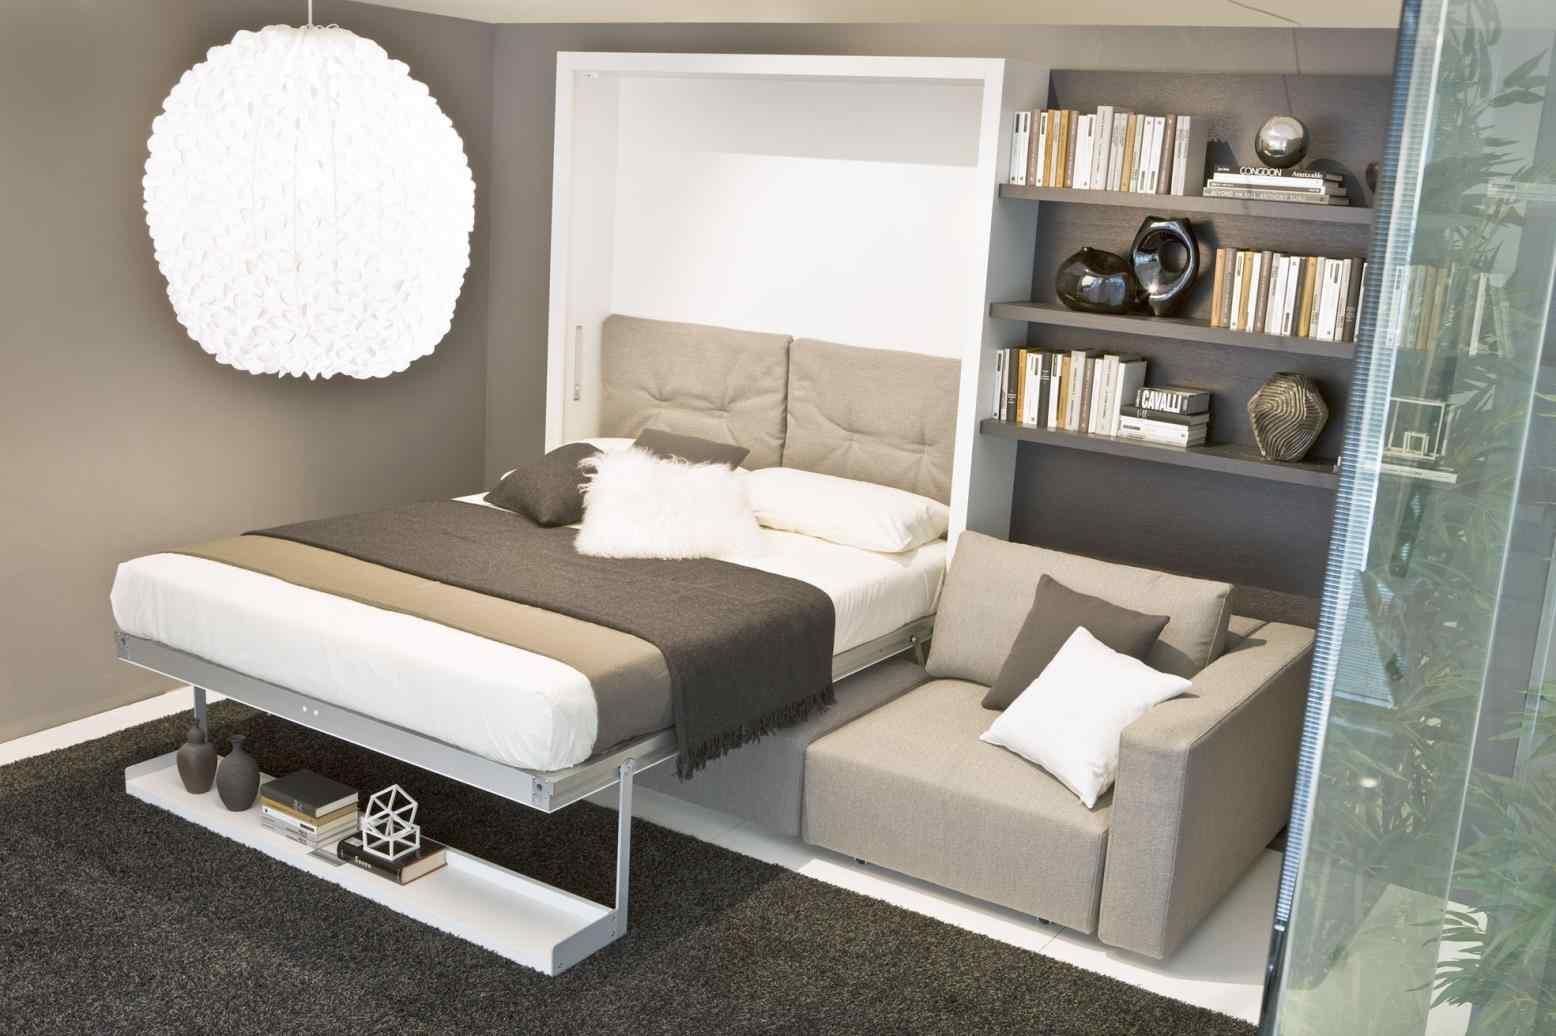 Идеальный размер спальной комнаты. Что надо знать об эргономике при планировании маленькой спальни